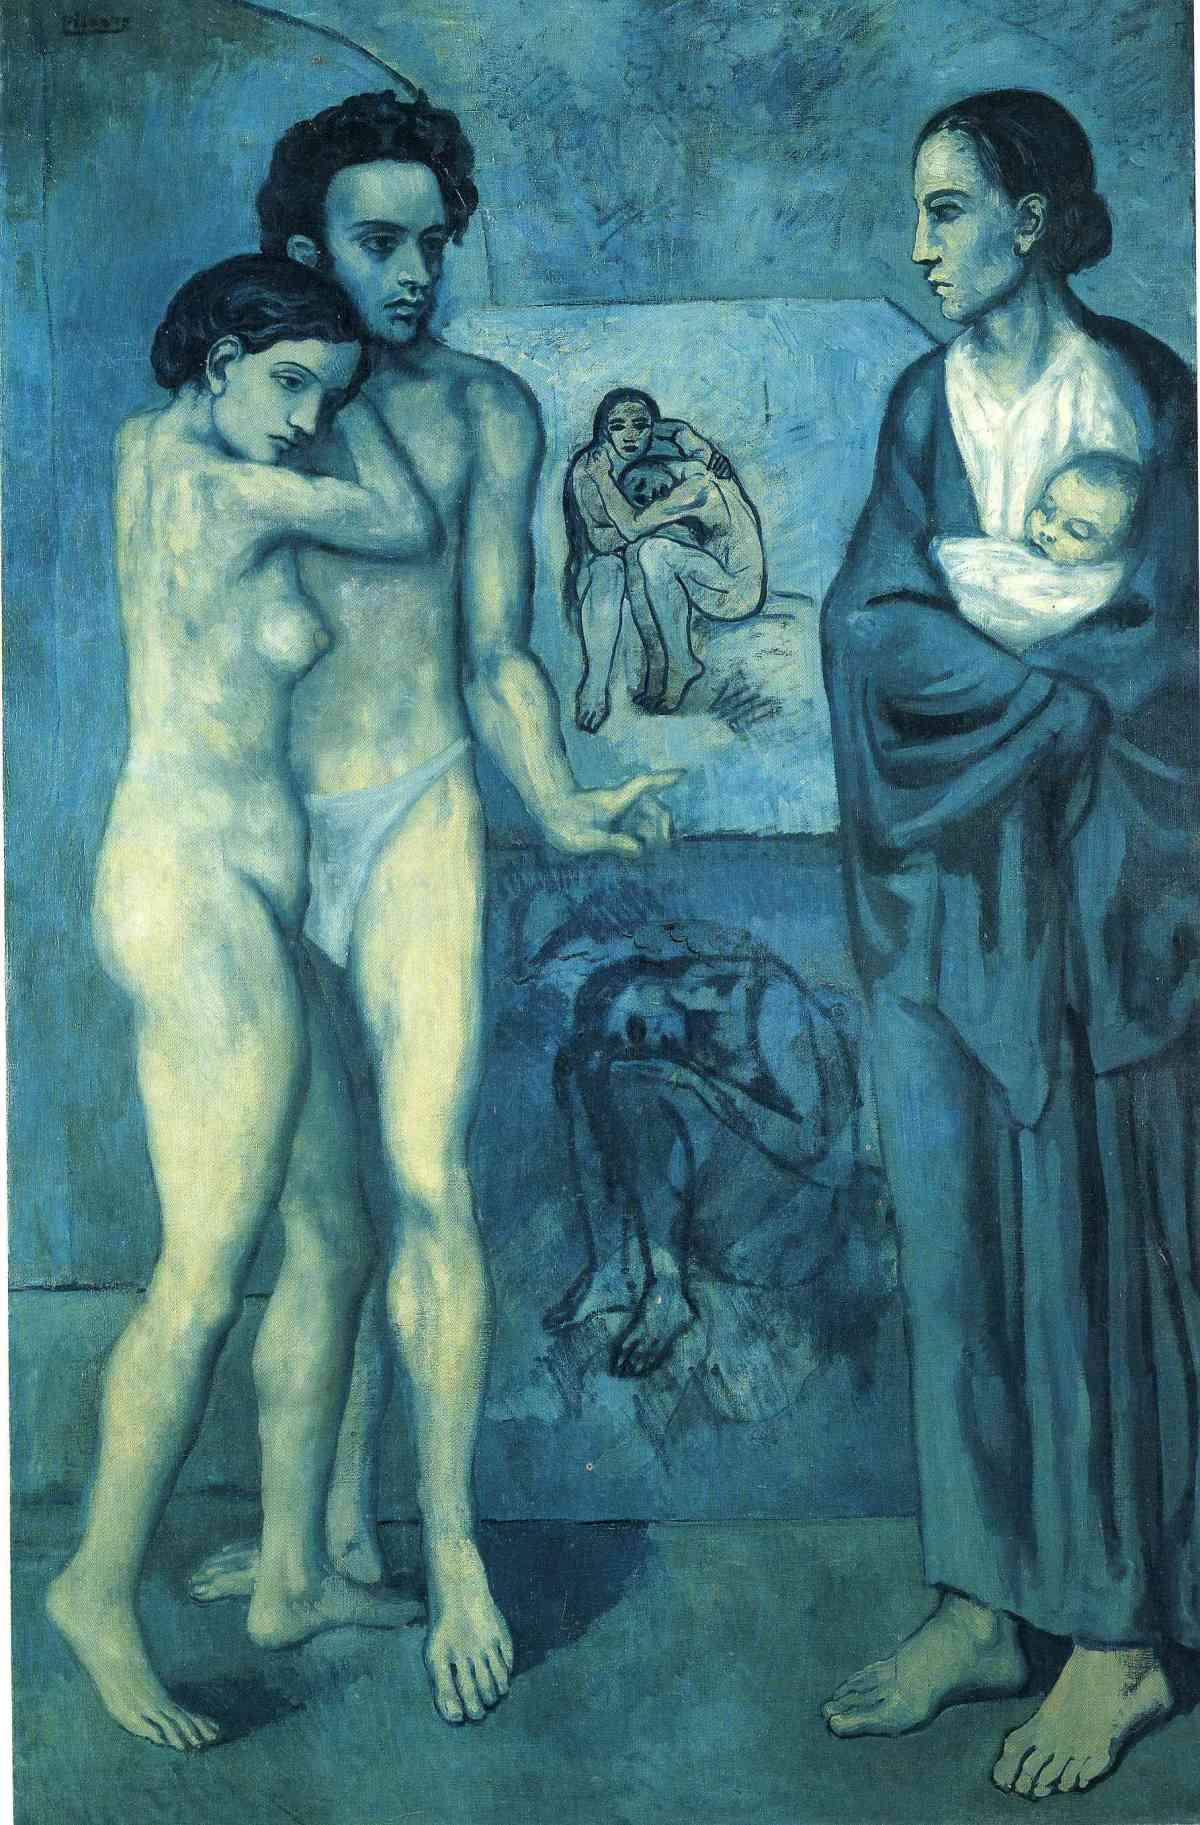 La Vie by Pablo Picasso (1903)